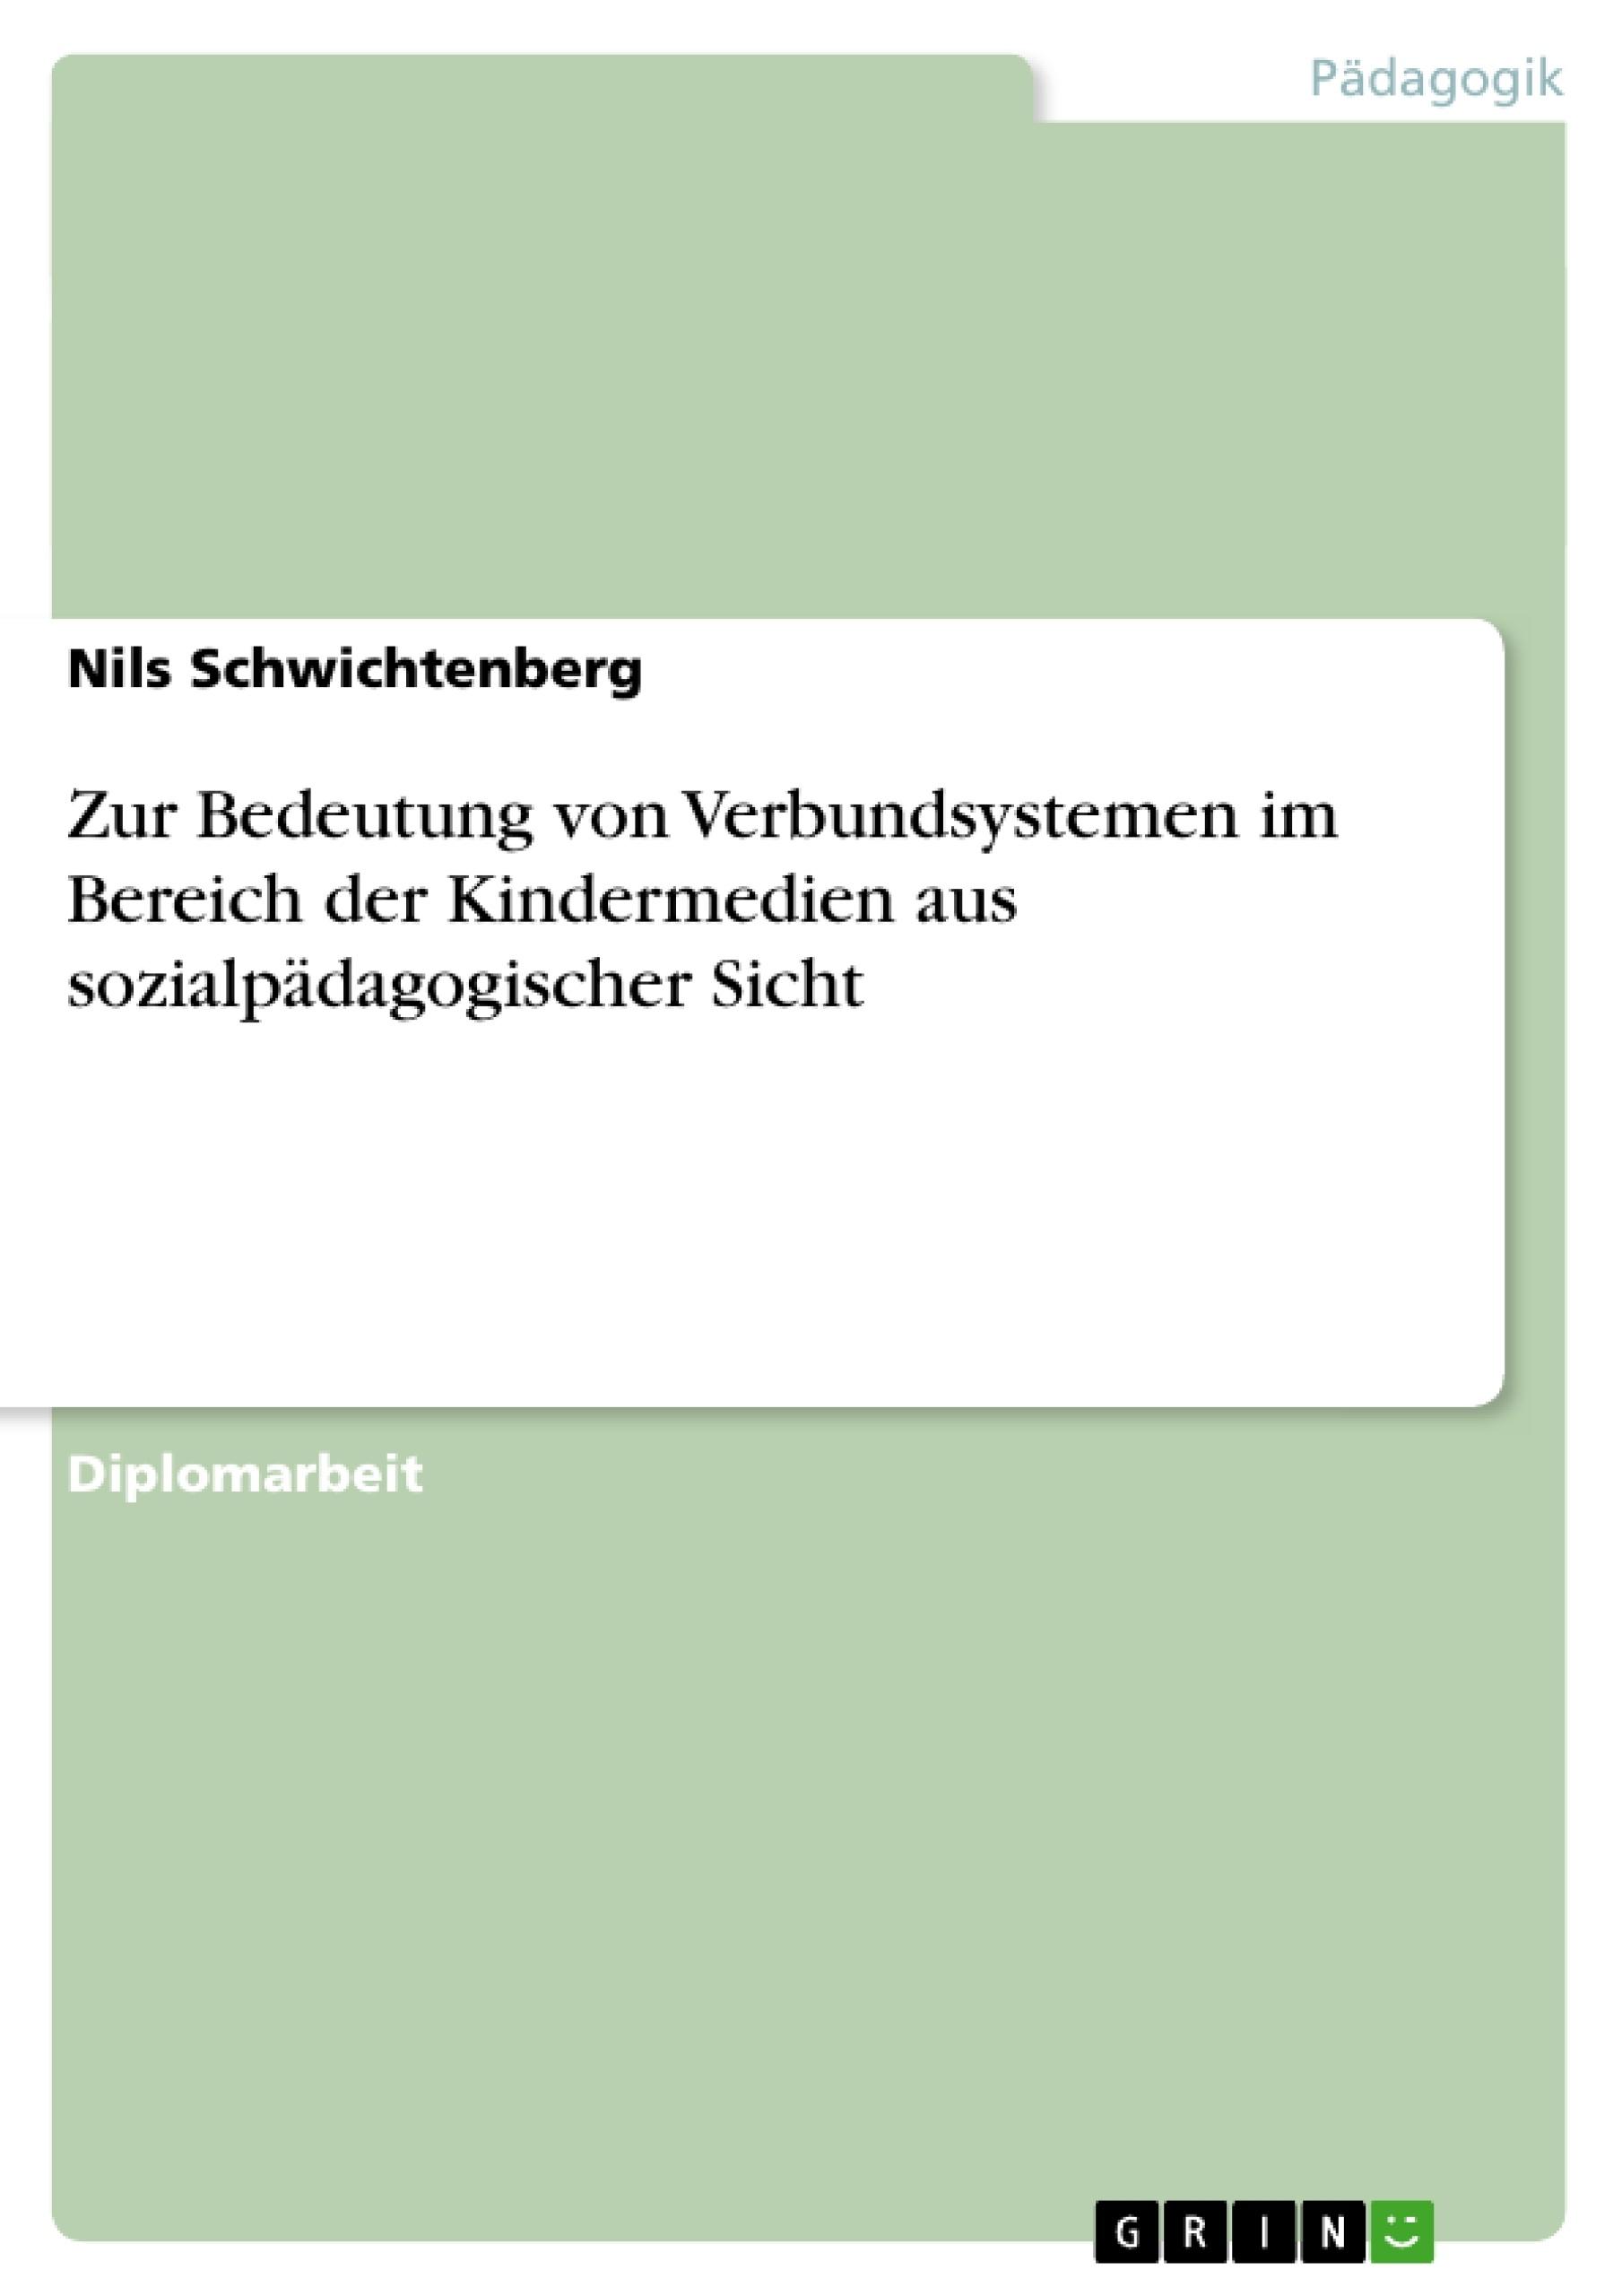 Titel: Zur Bedeutung von Verbundsystemen im Bereich der Kindermedien aus sozialpädagogischer Sicht